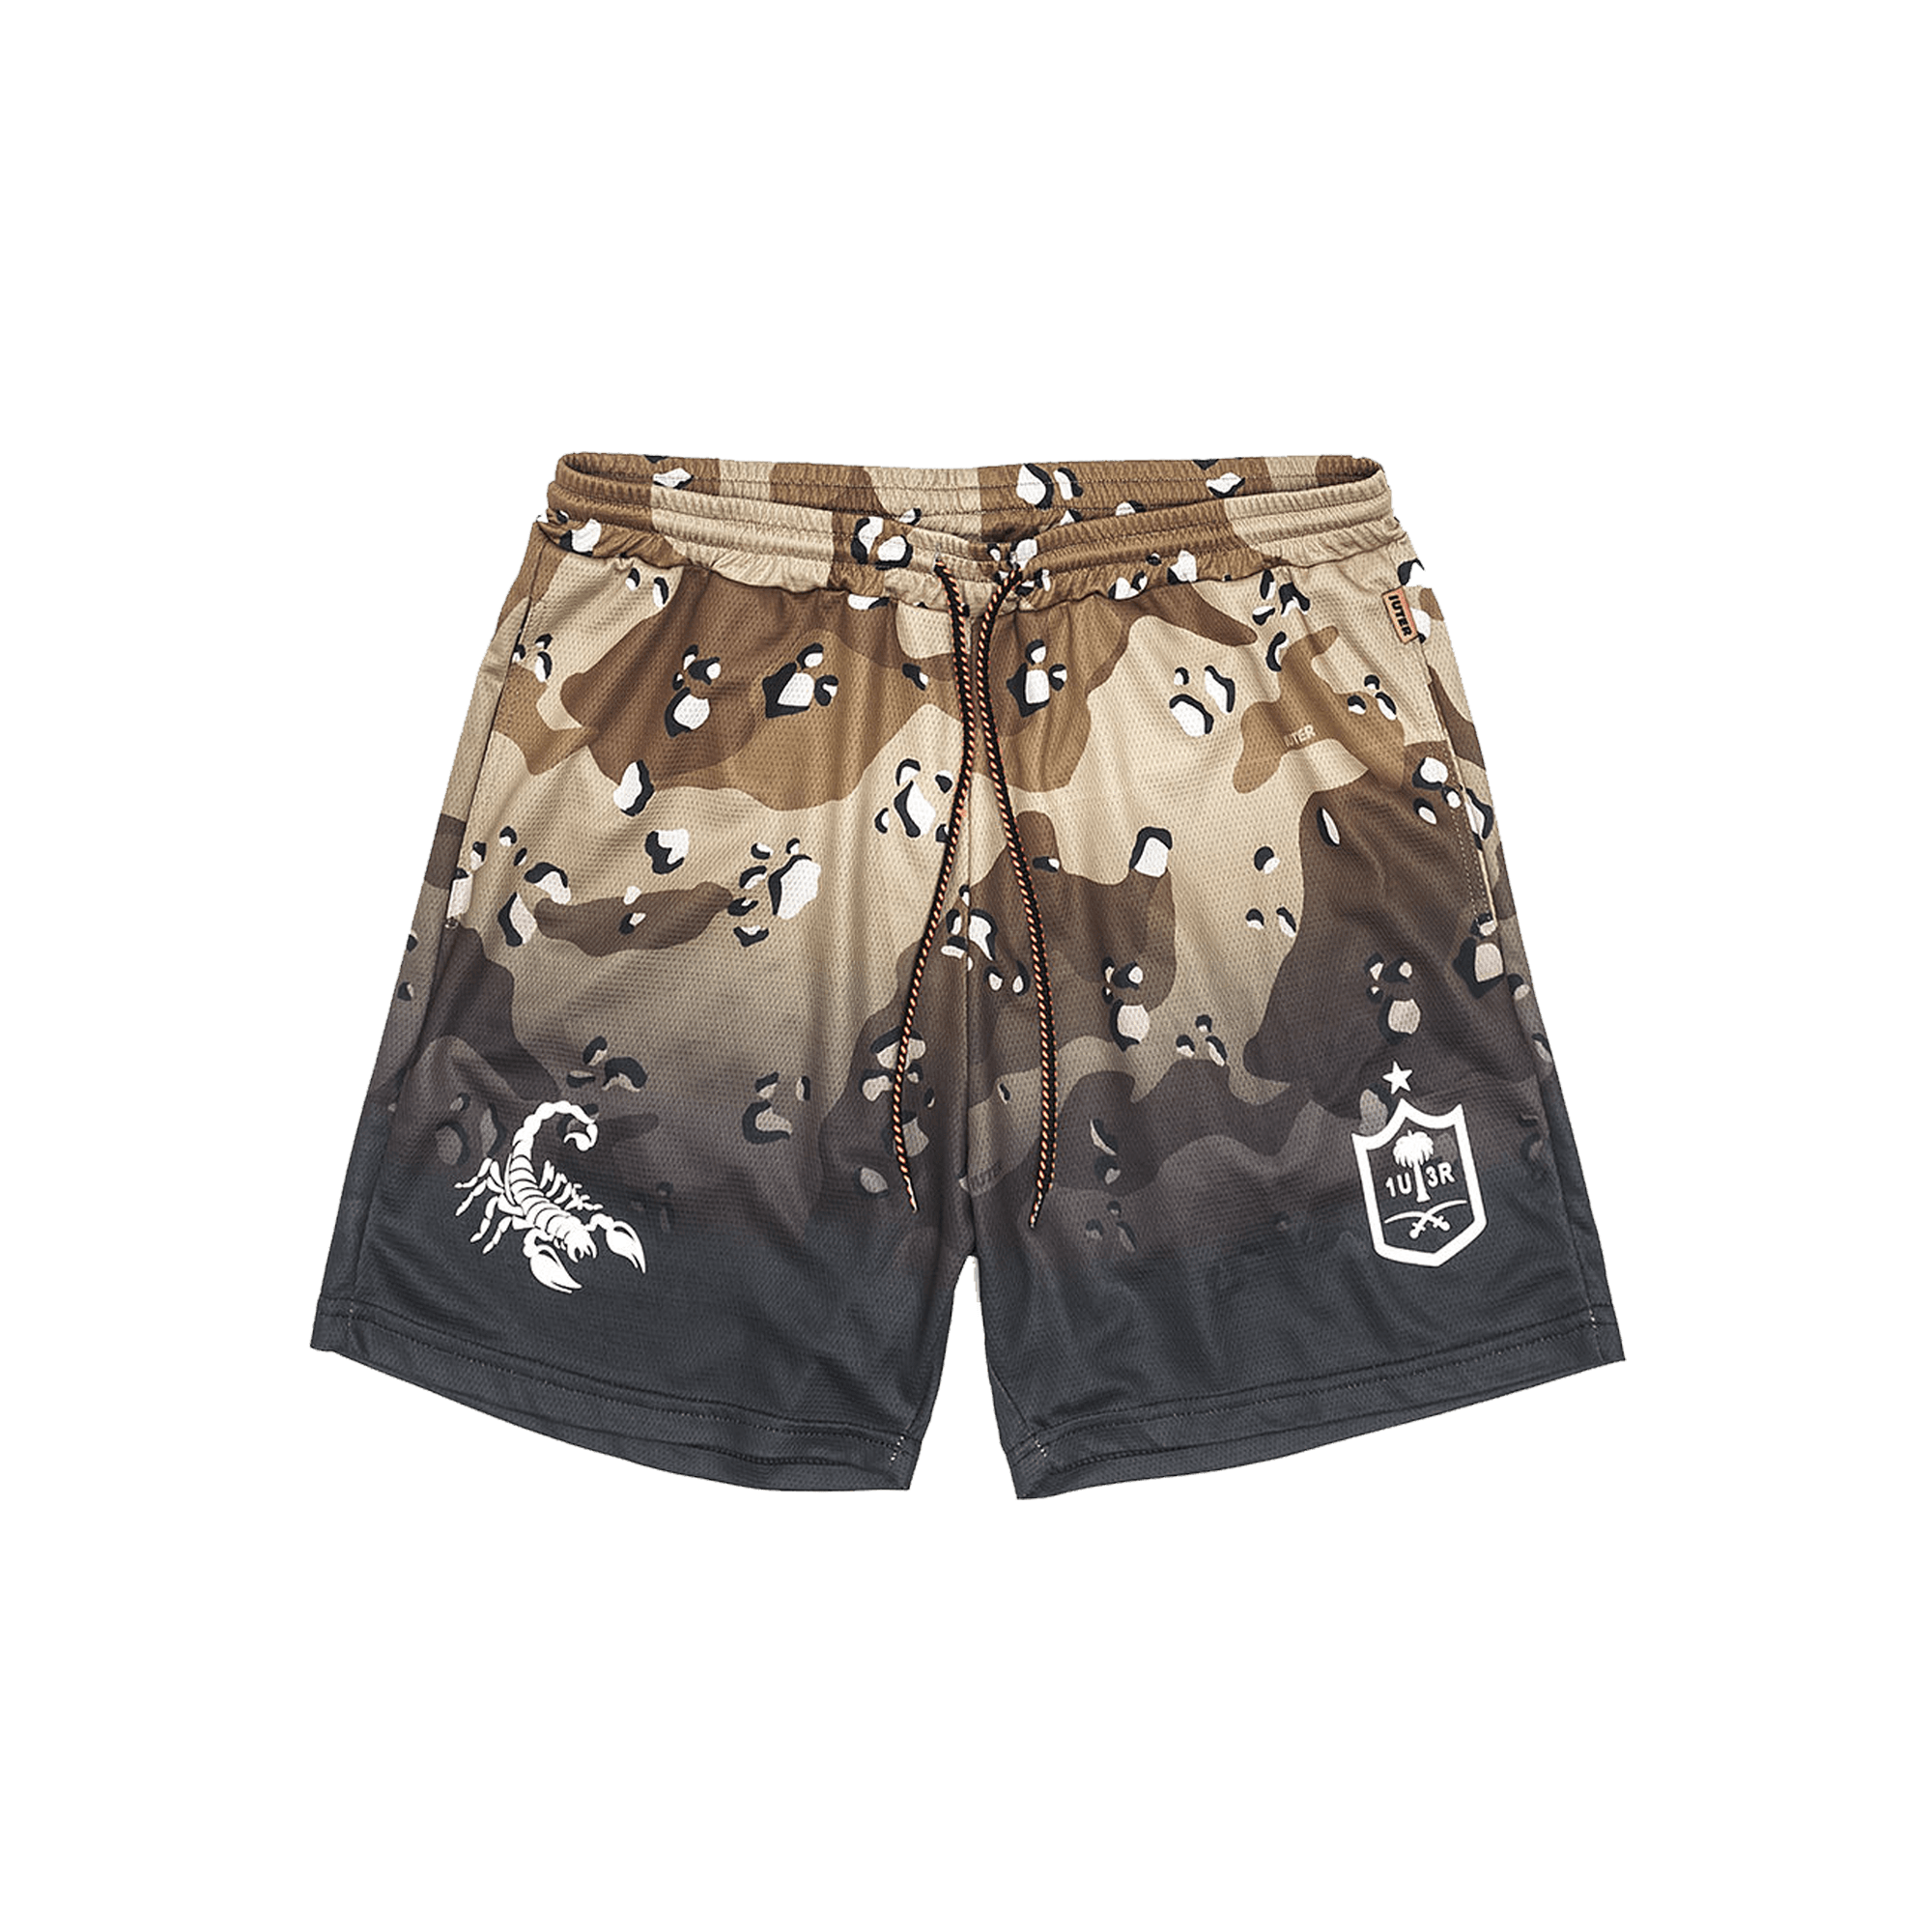 Prime Shorts desert